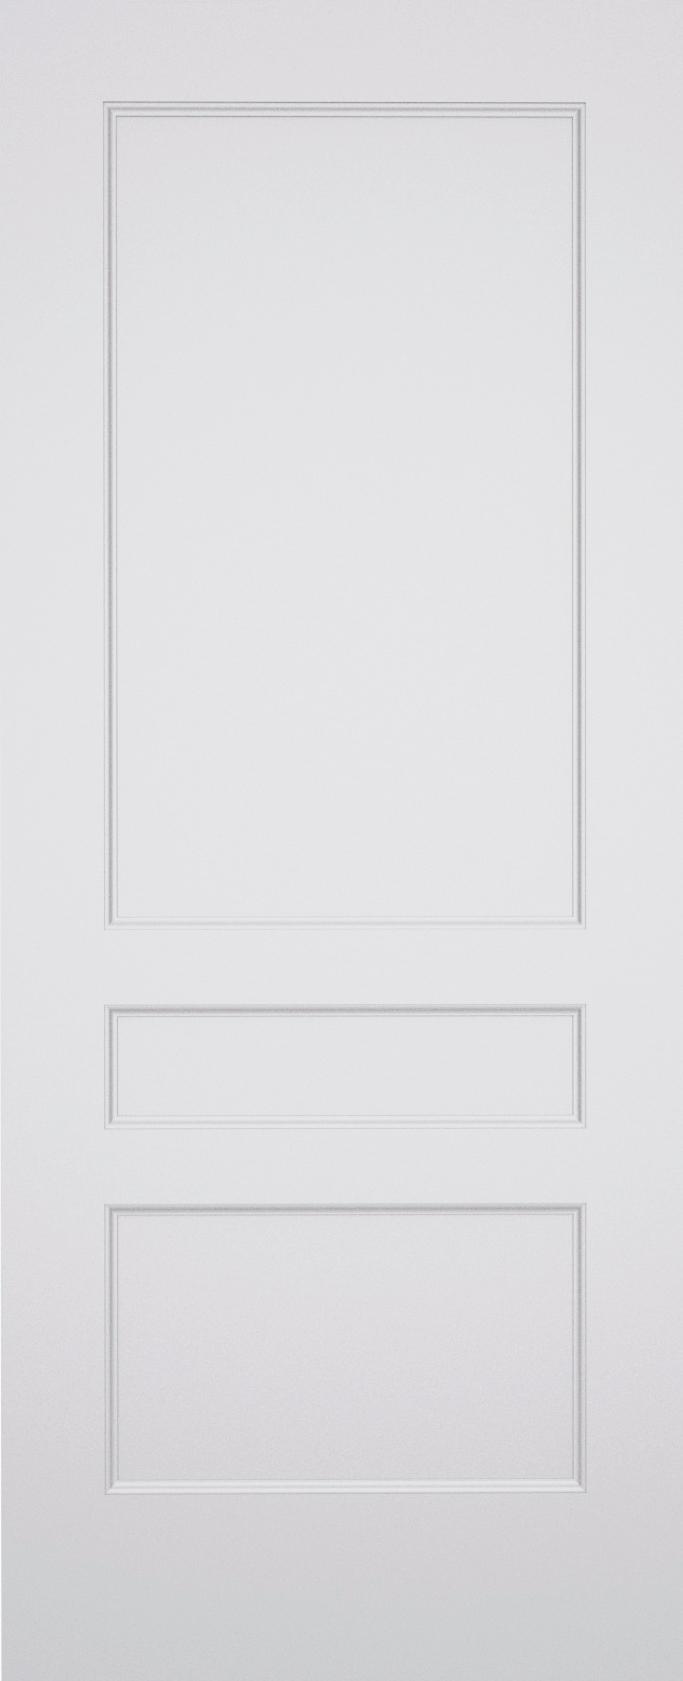 Kesh Battersea 3 Panel Fire Door